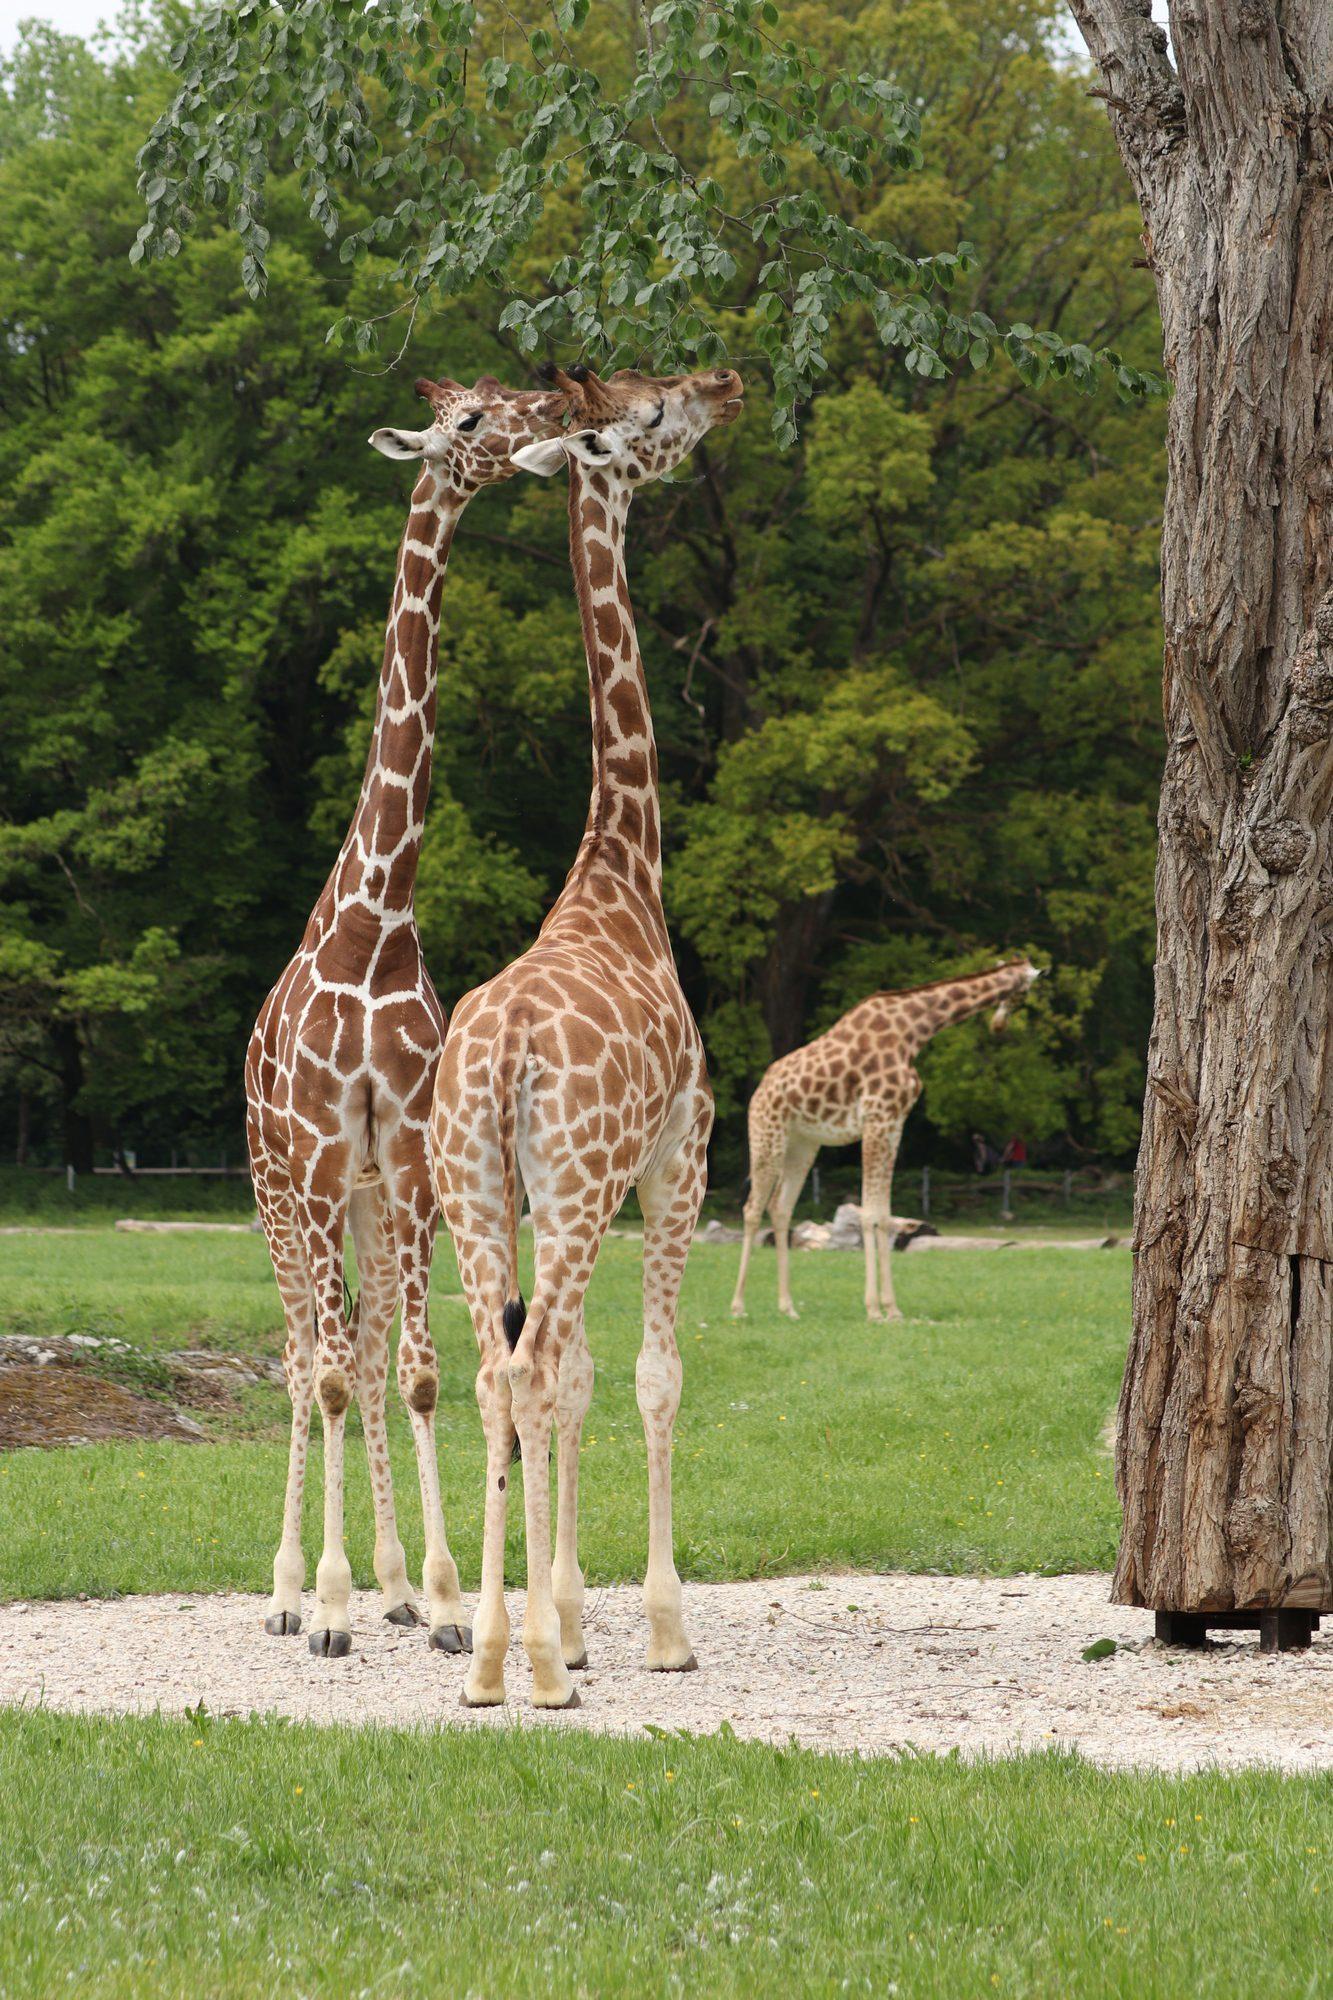 Netz-, Kordofan- und Rothschildgiraffen im Zoo Augsburg